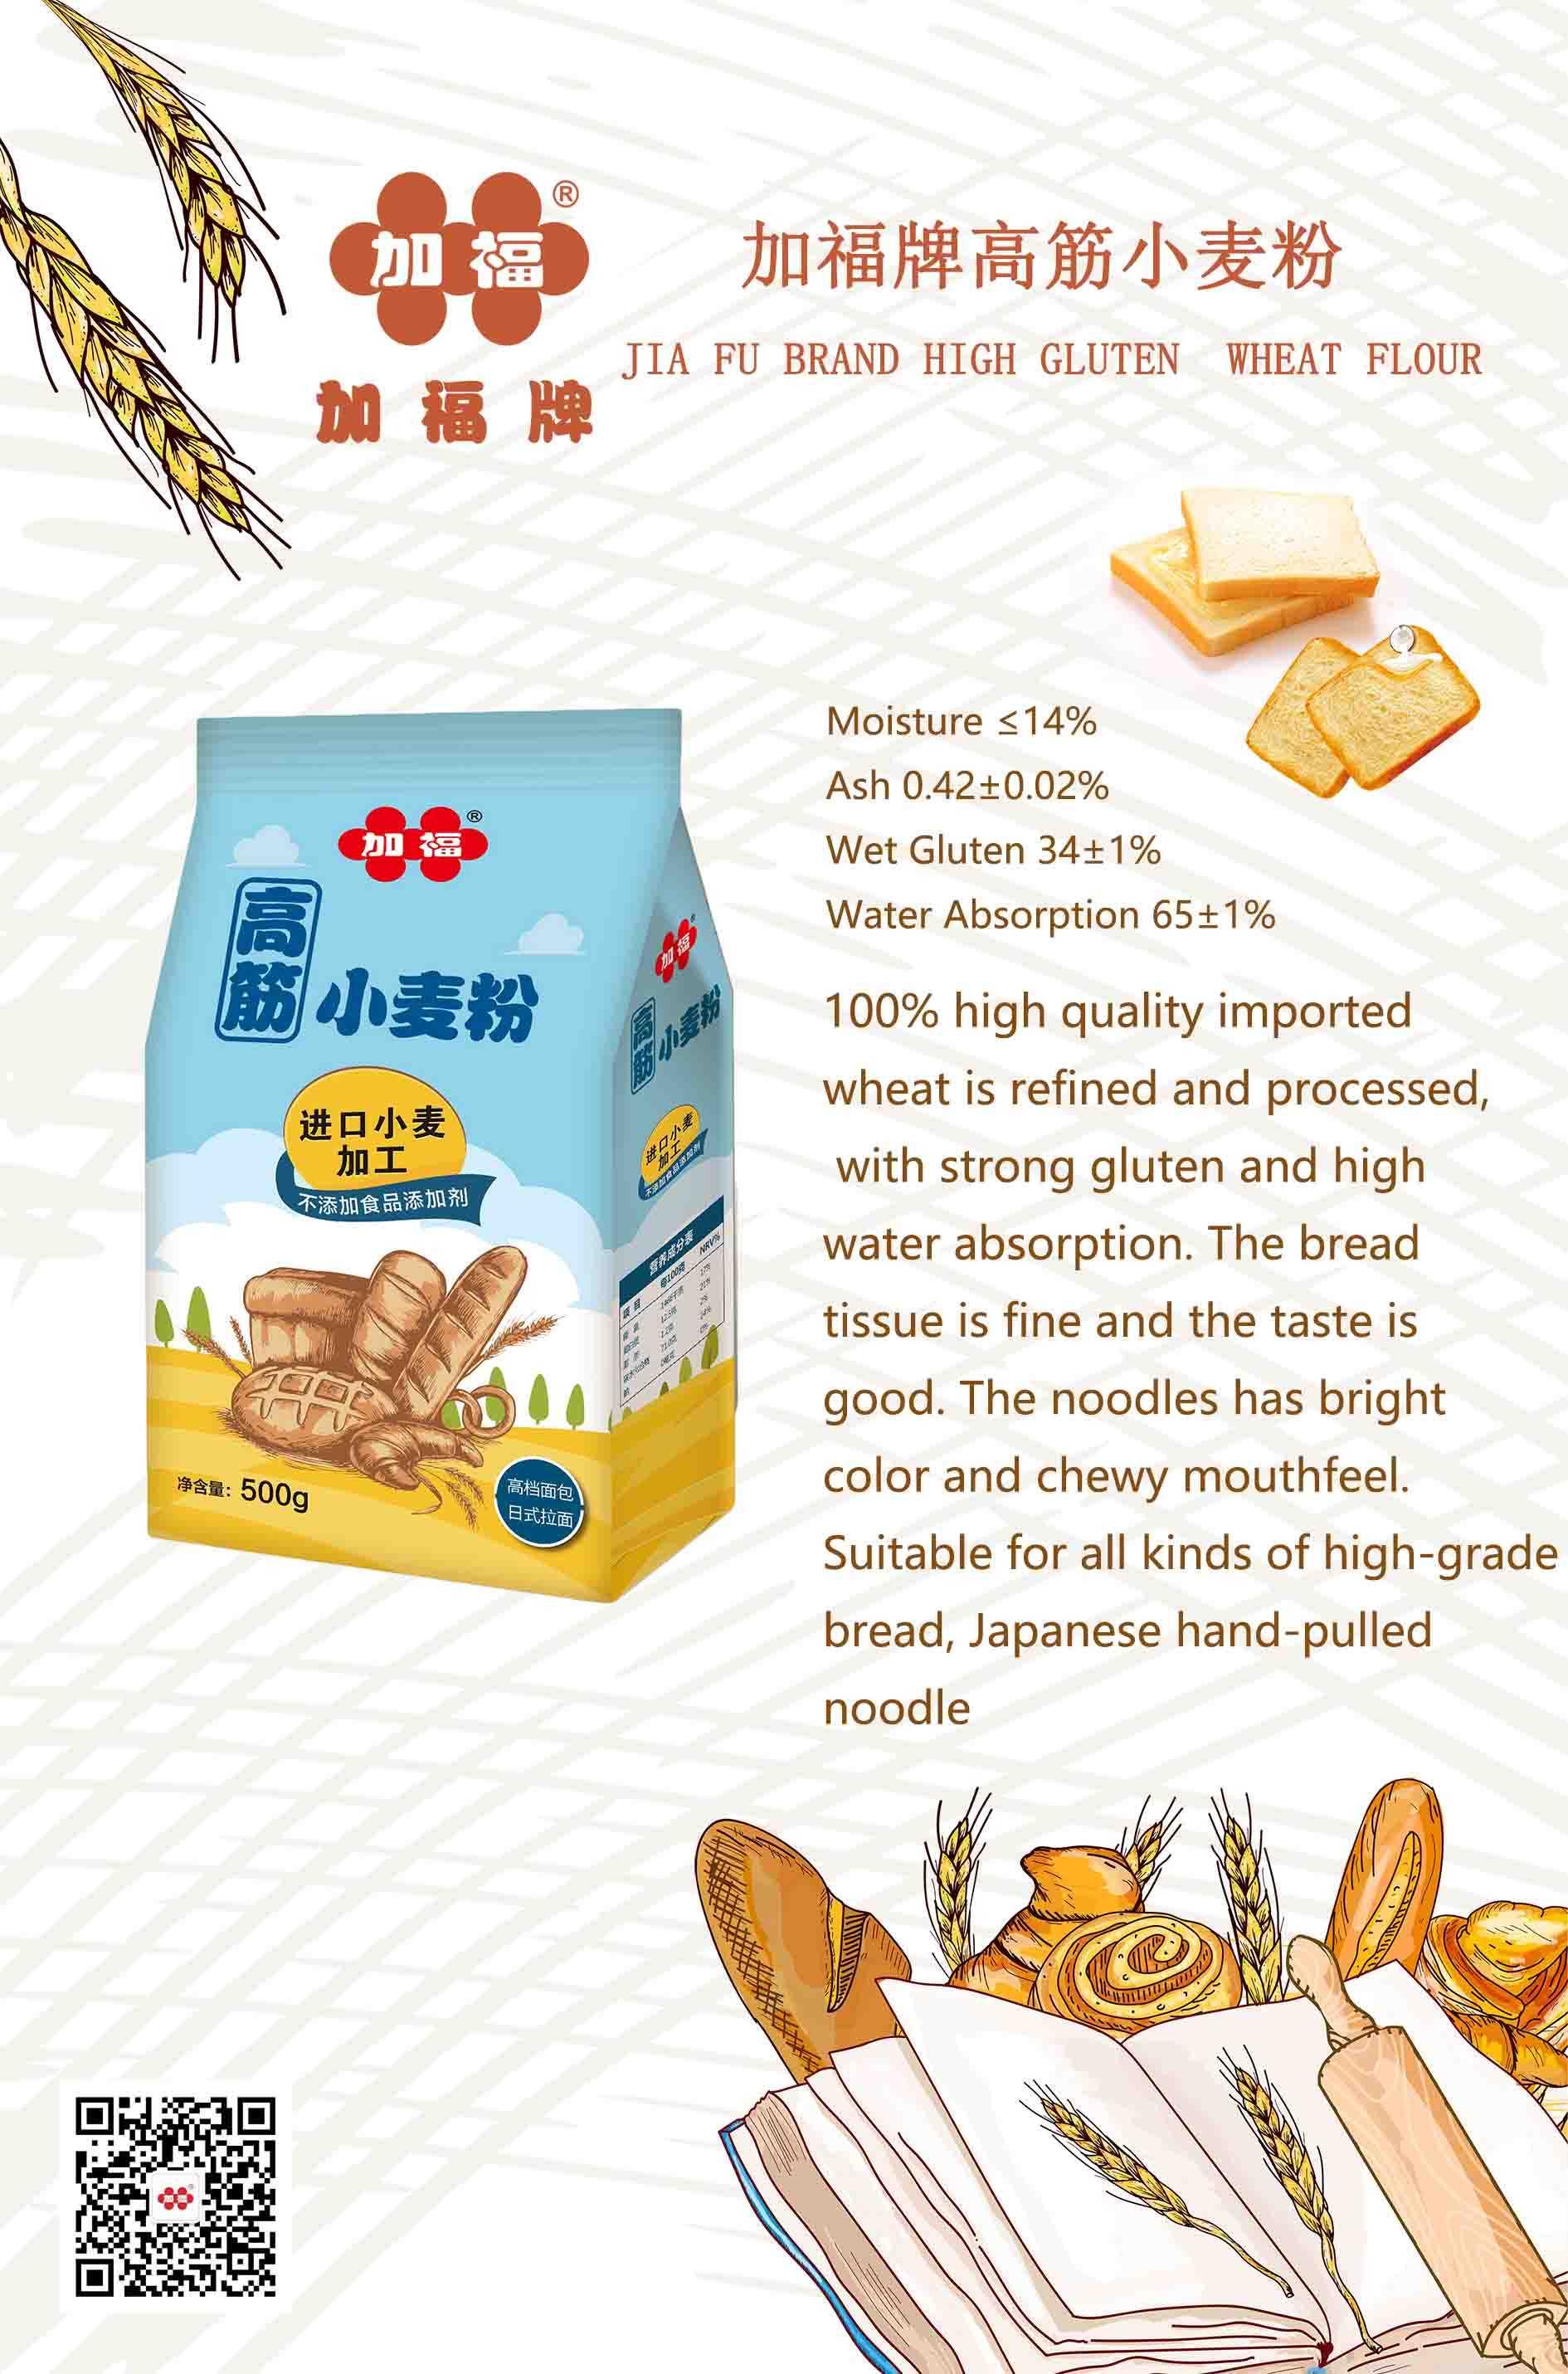 加福高筋小麦粉-英文